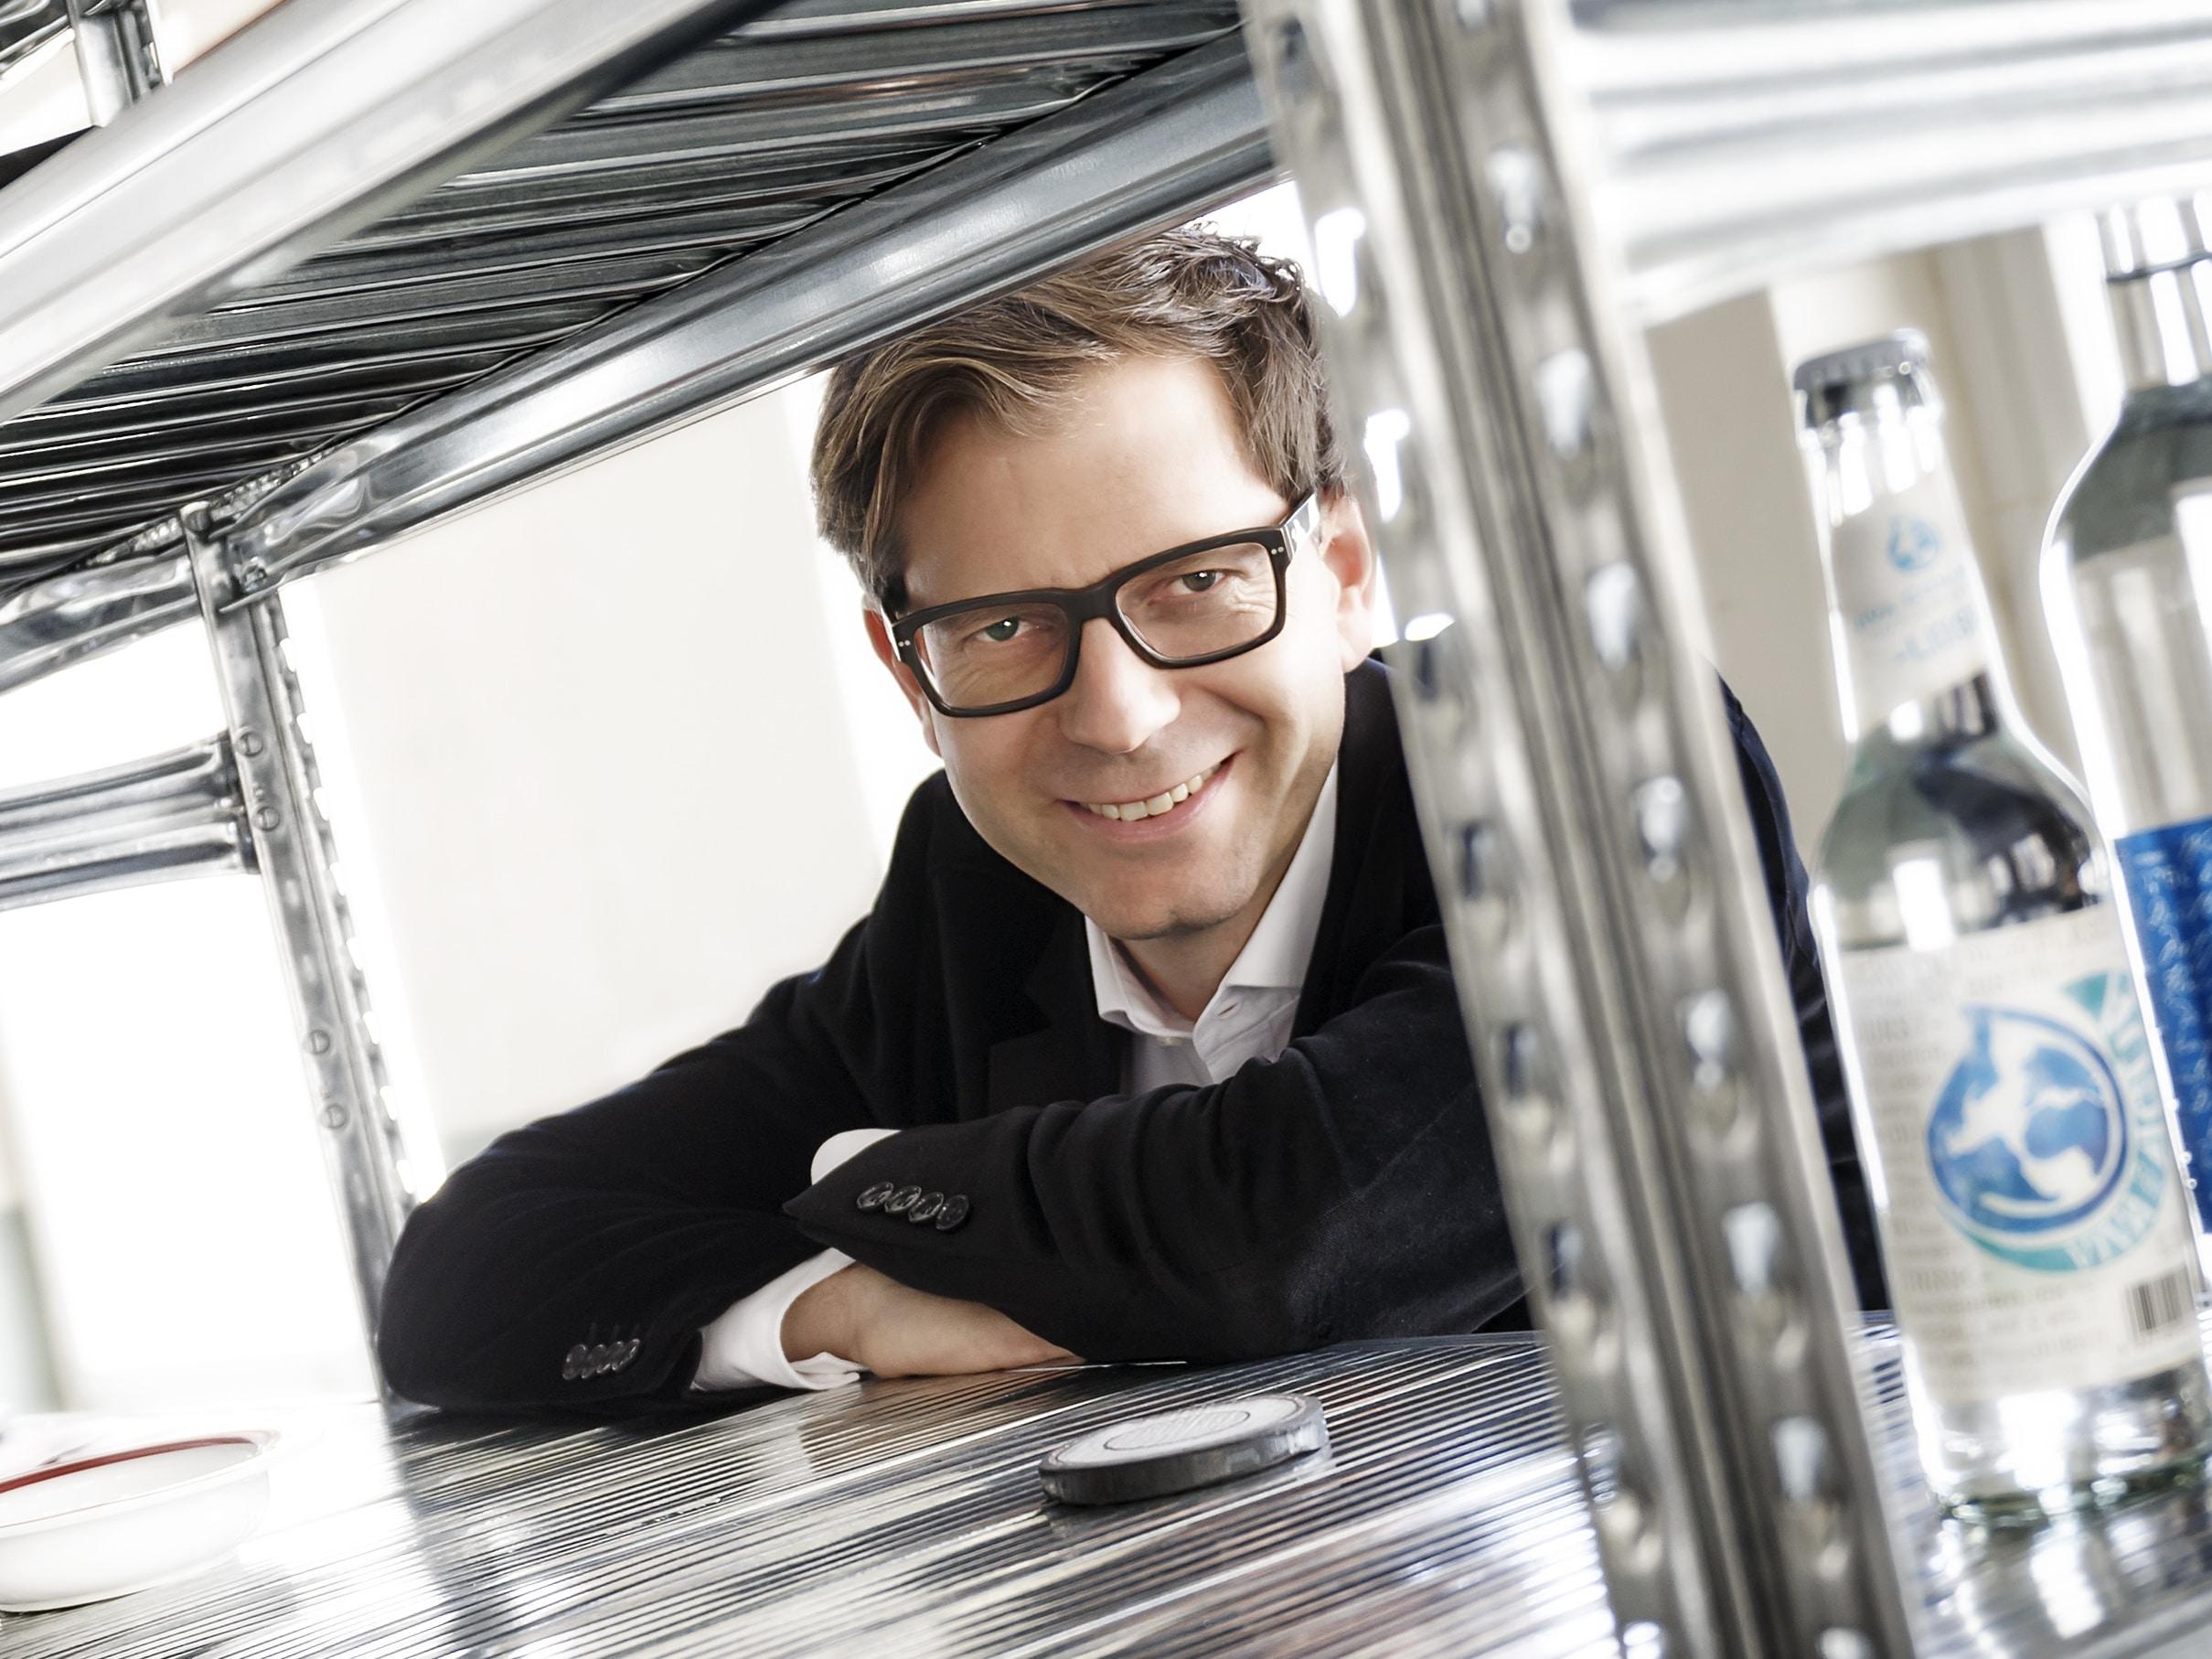 Neuer Referent bei Athenas: Mathias Haas